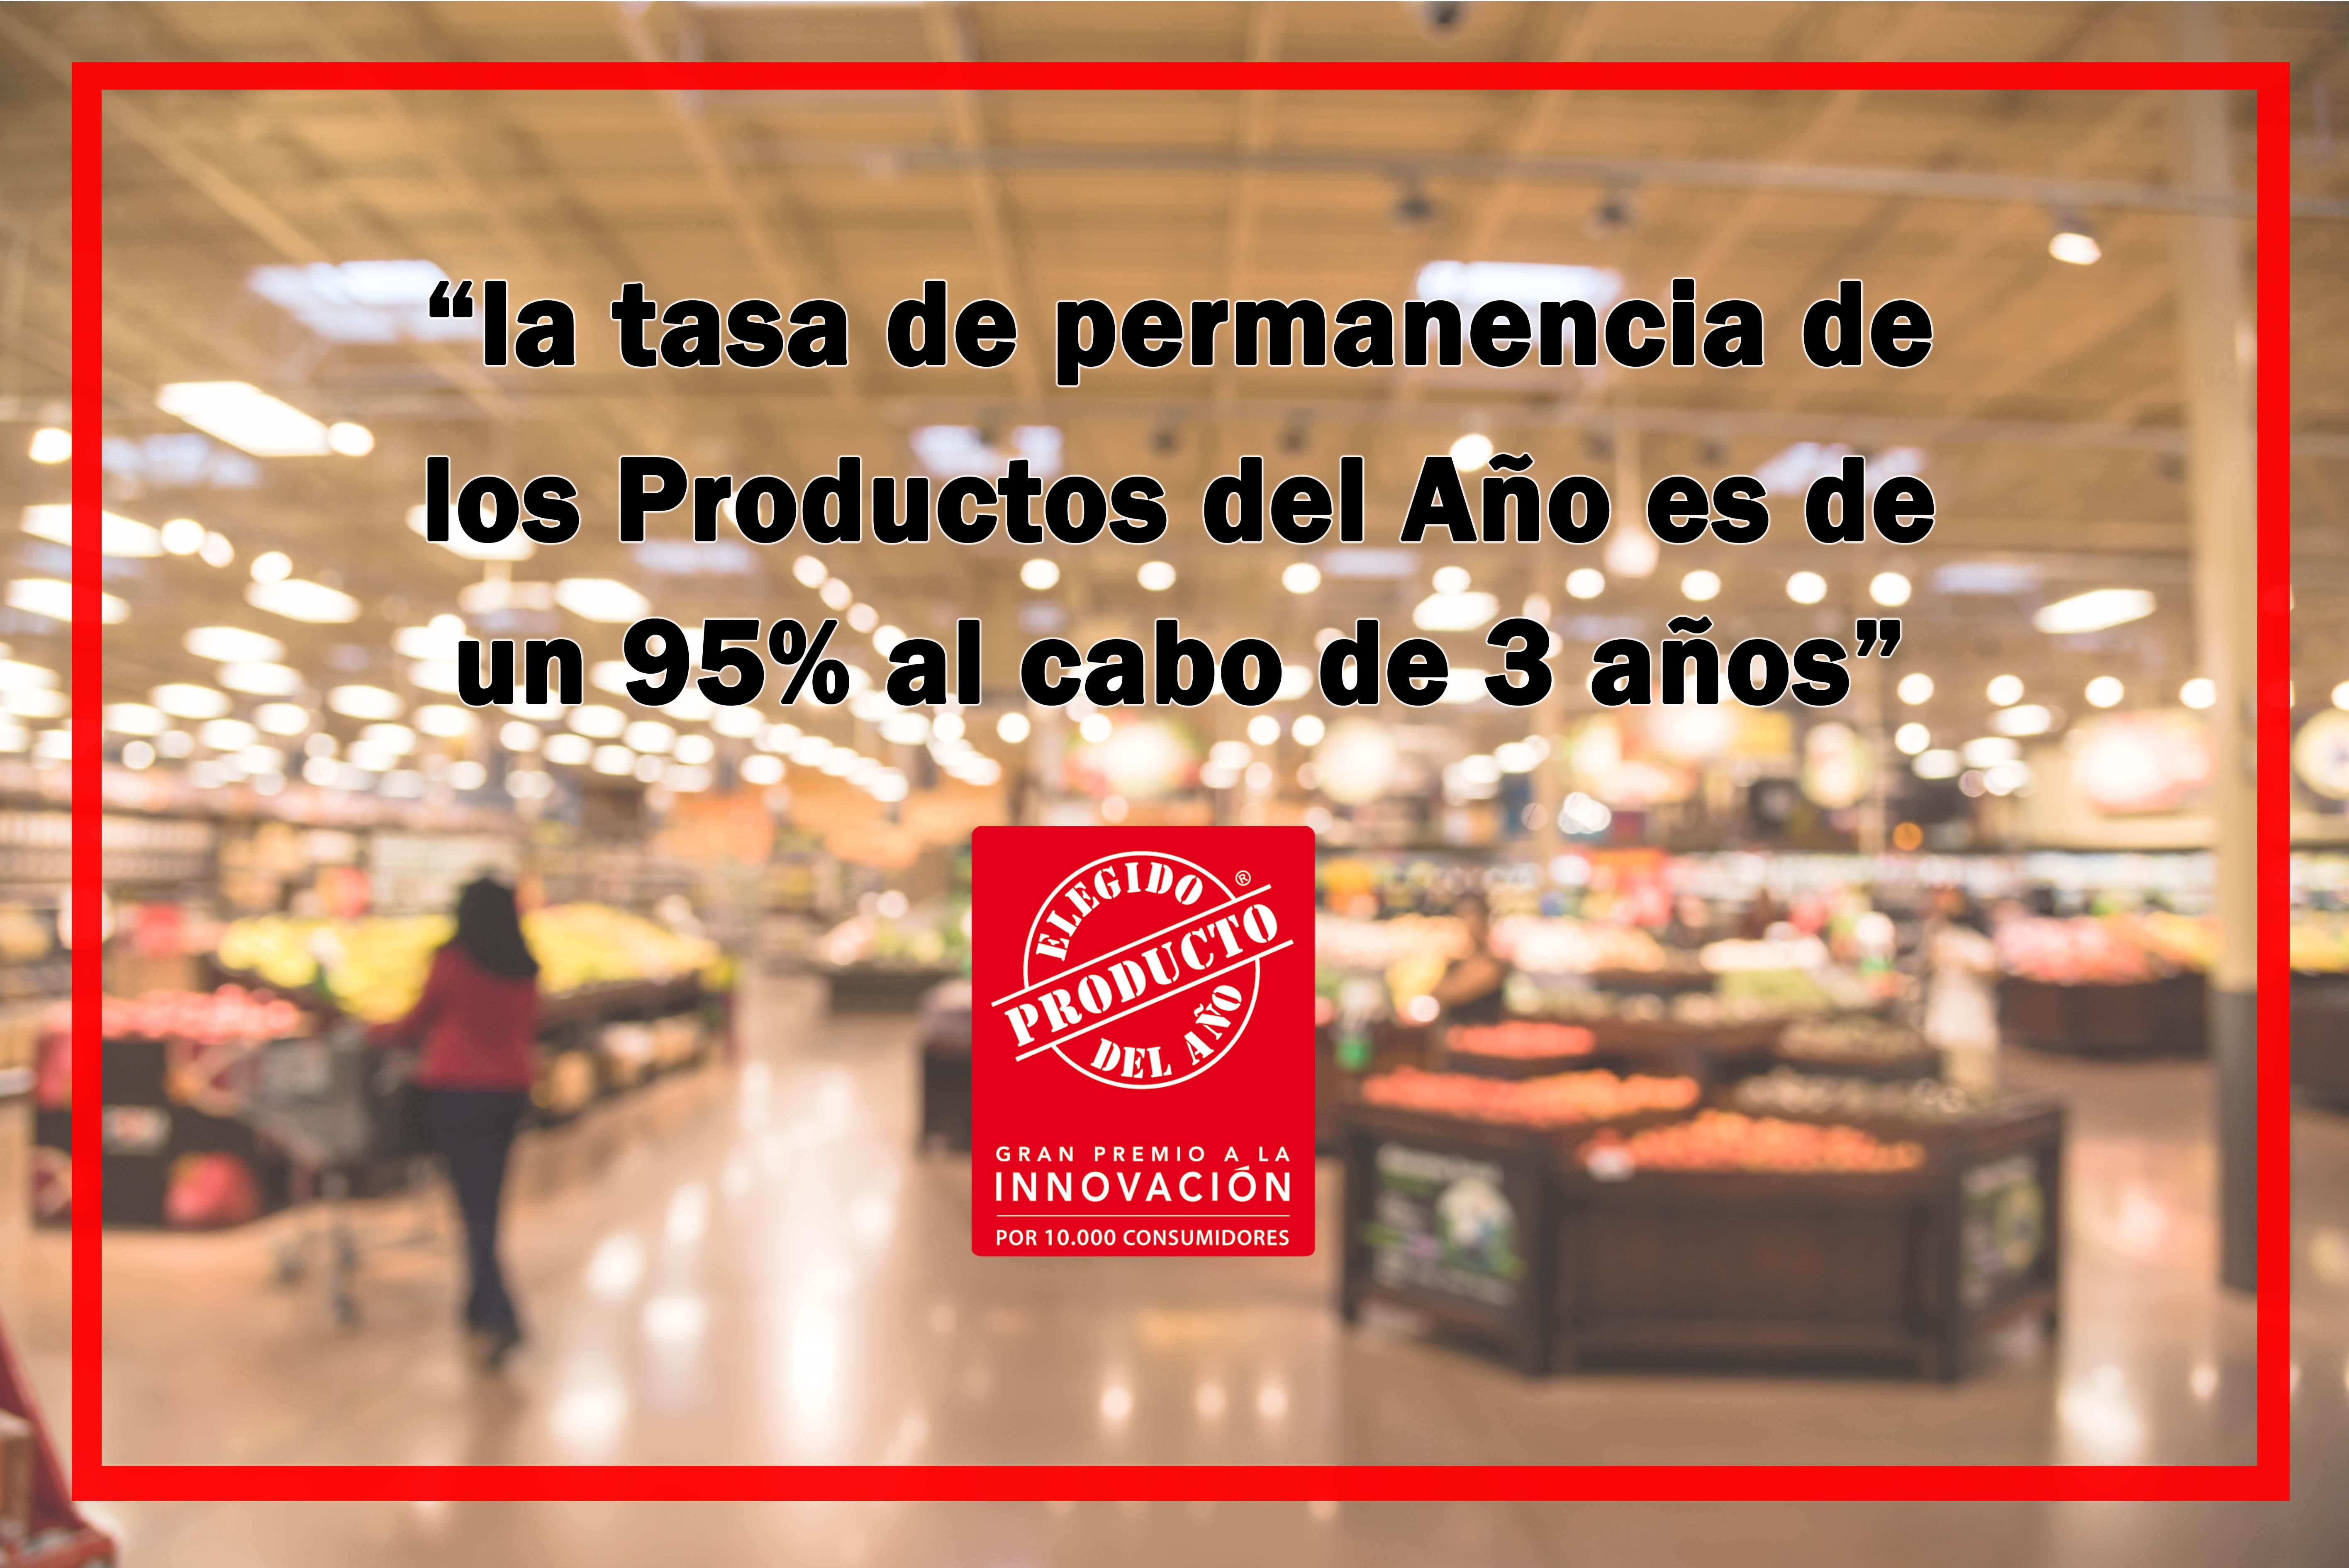 La Lista De Las 10 Marcas Más Deseadas Por Los Consumidores Españoles